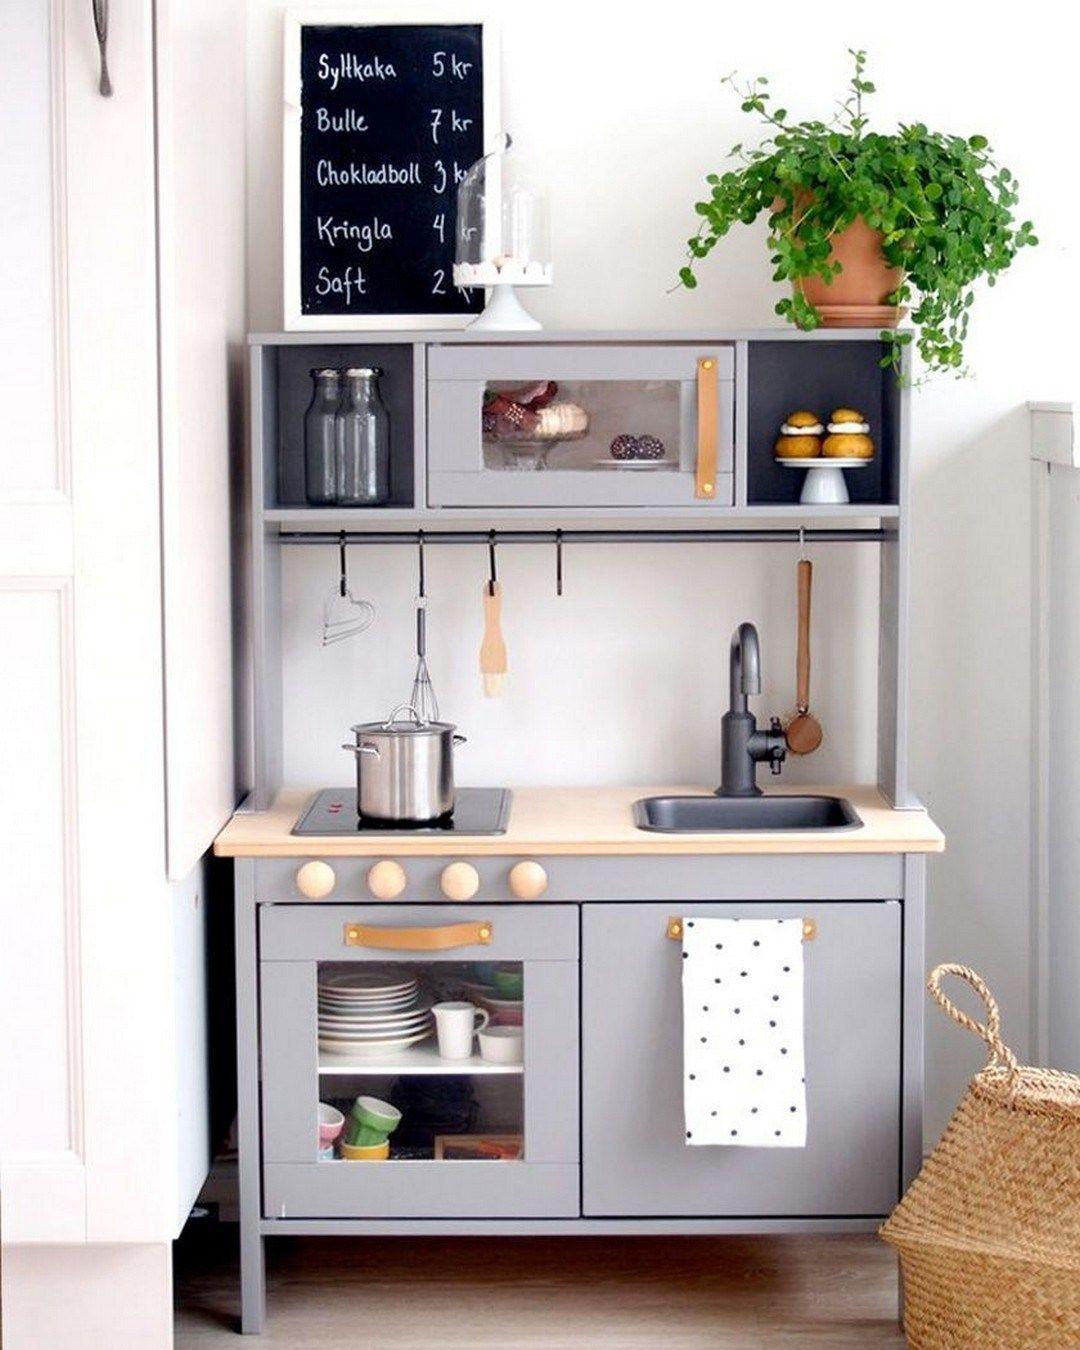 leren deurgrepen ikea keukentje